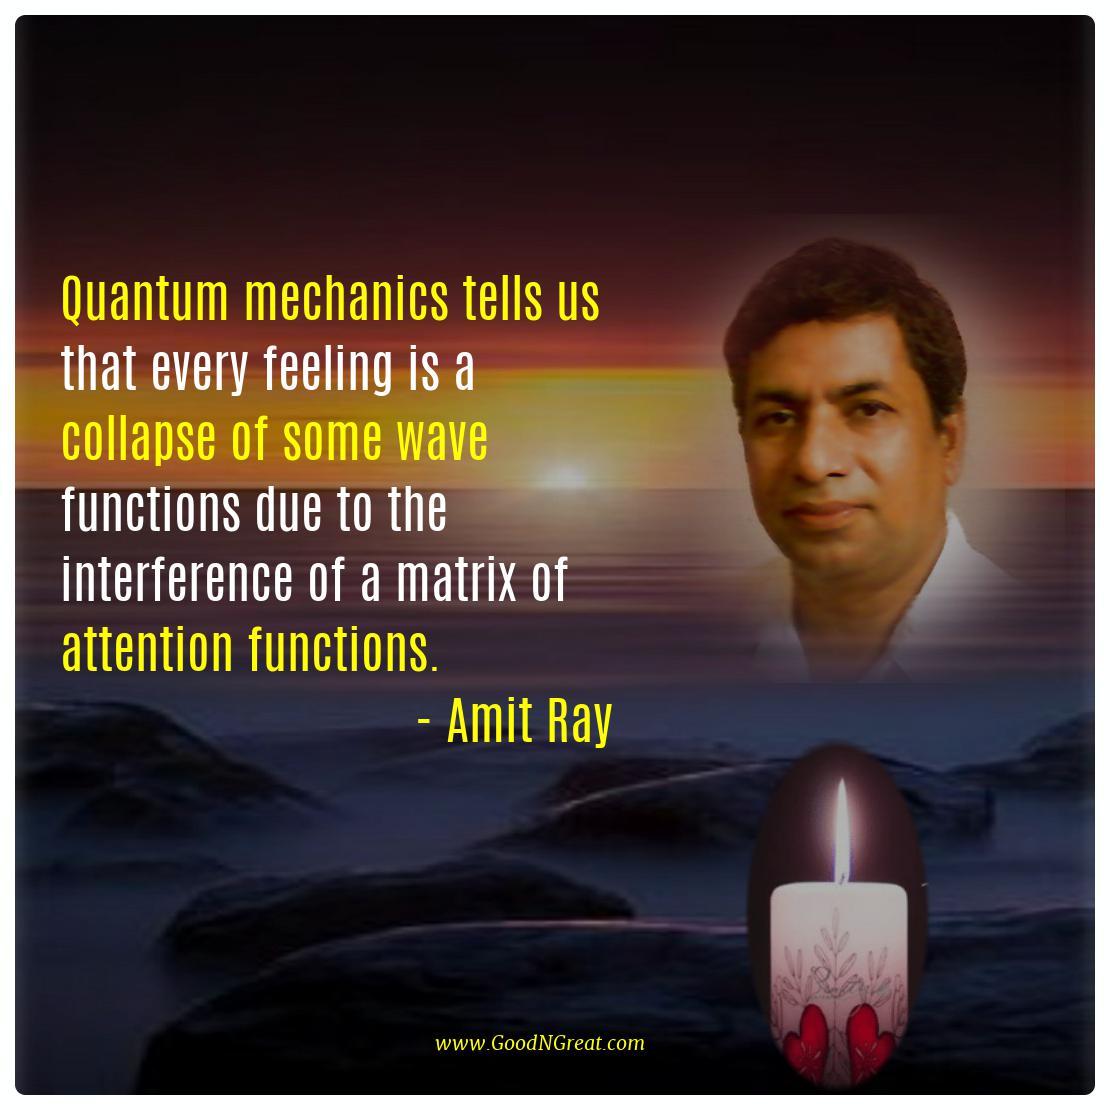 Quantum mechanics Quotes Amit Ray